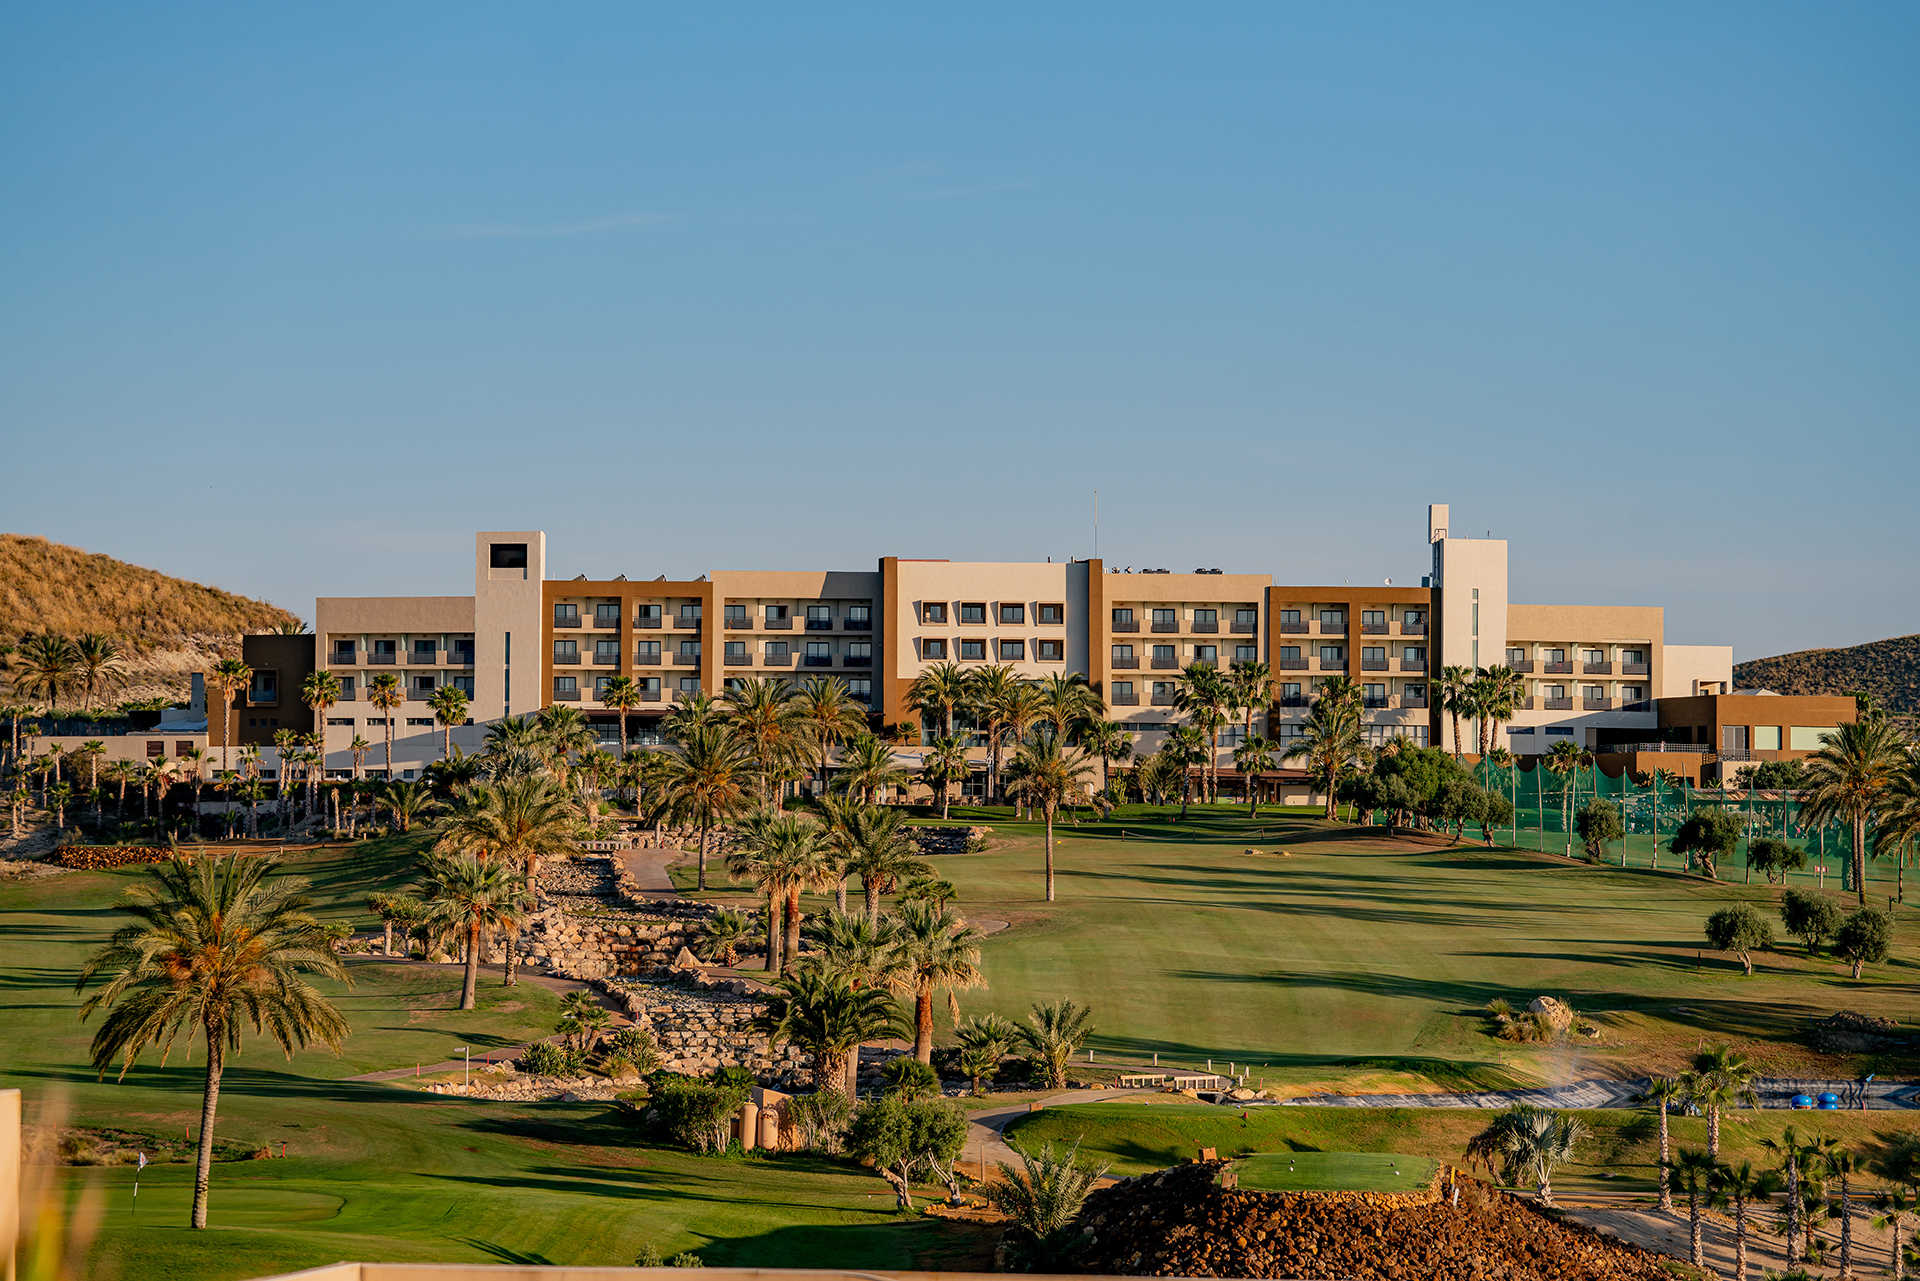 Oferta 15% descuento Hotel + Golf + Spa Gratis en Almería (Vera)